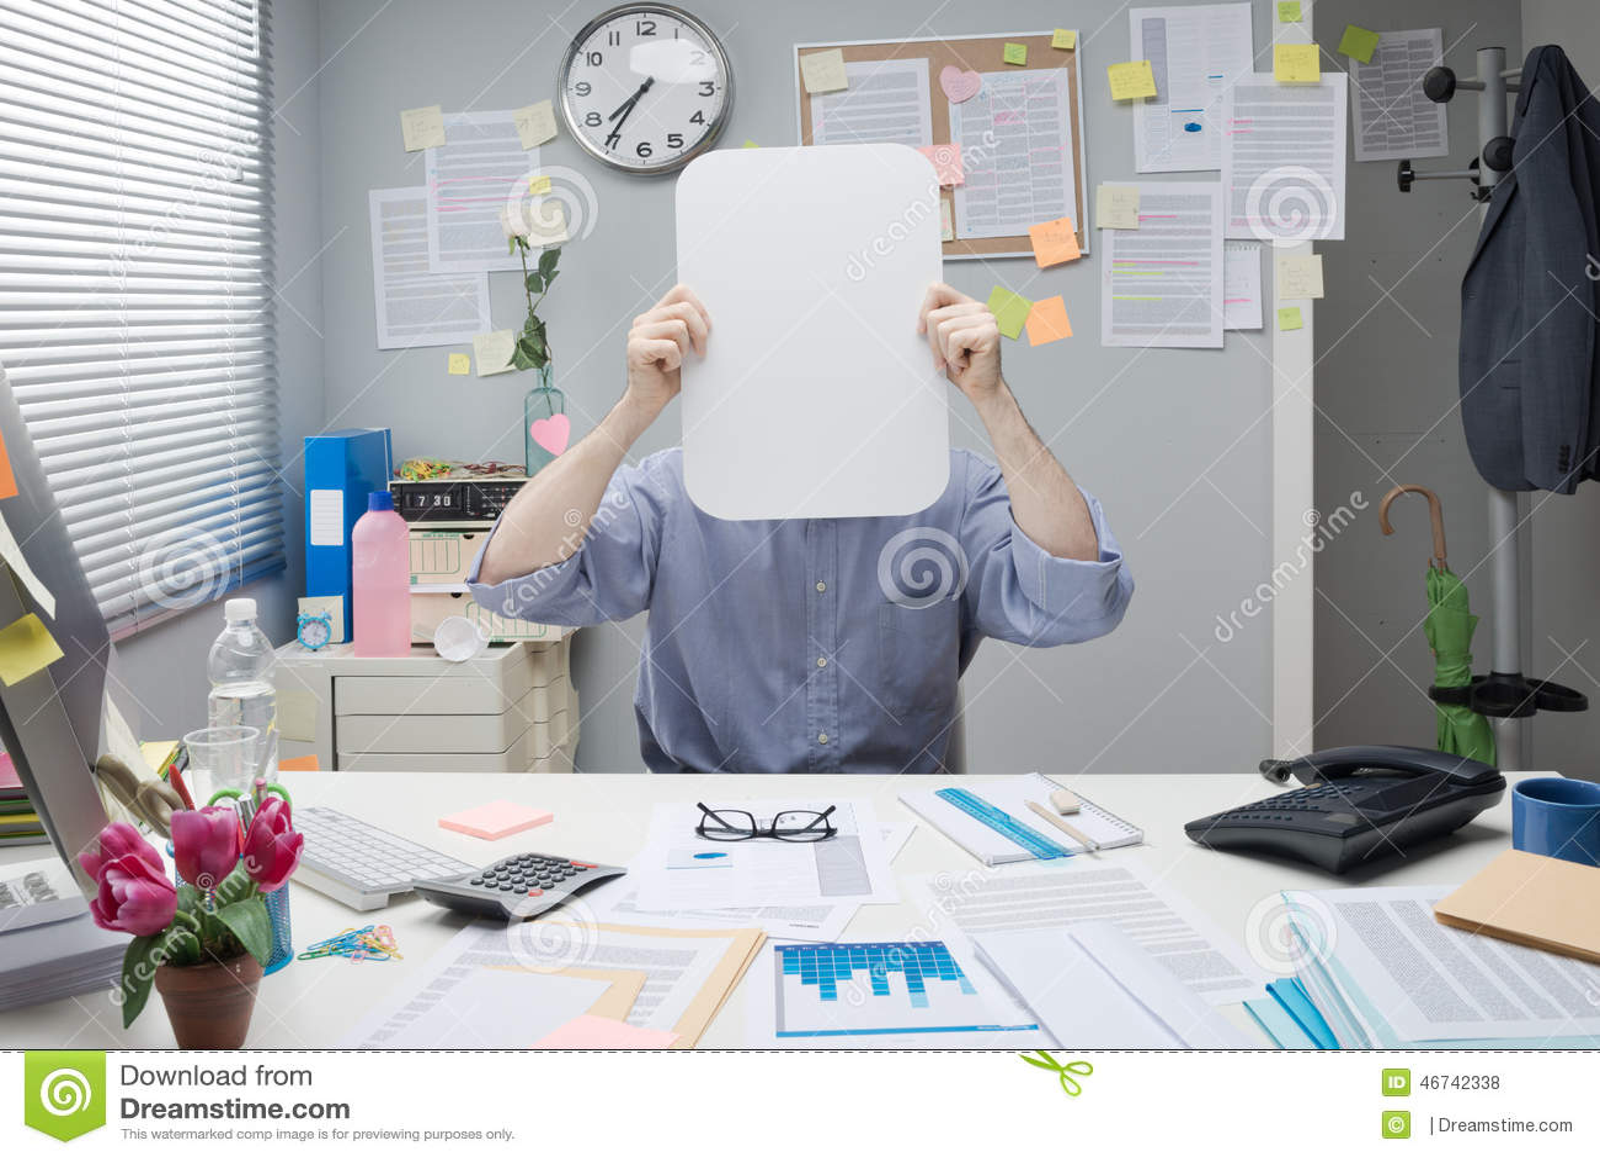 Oficinista con la muestra en blanco foto de archivo for Follando a la oficinista